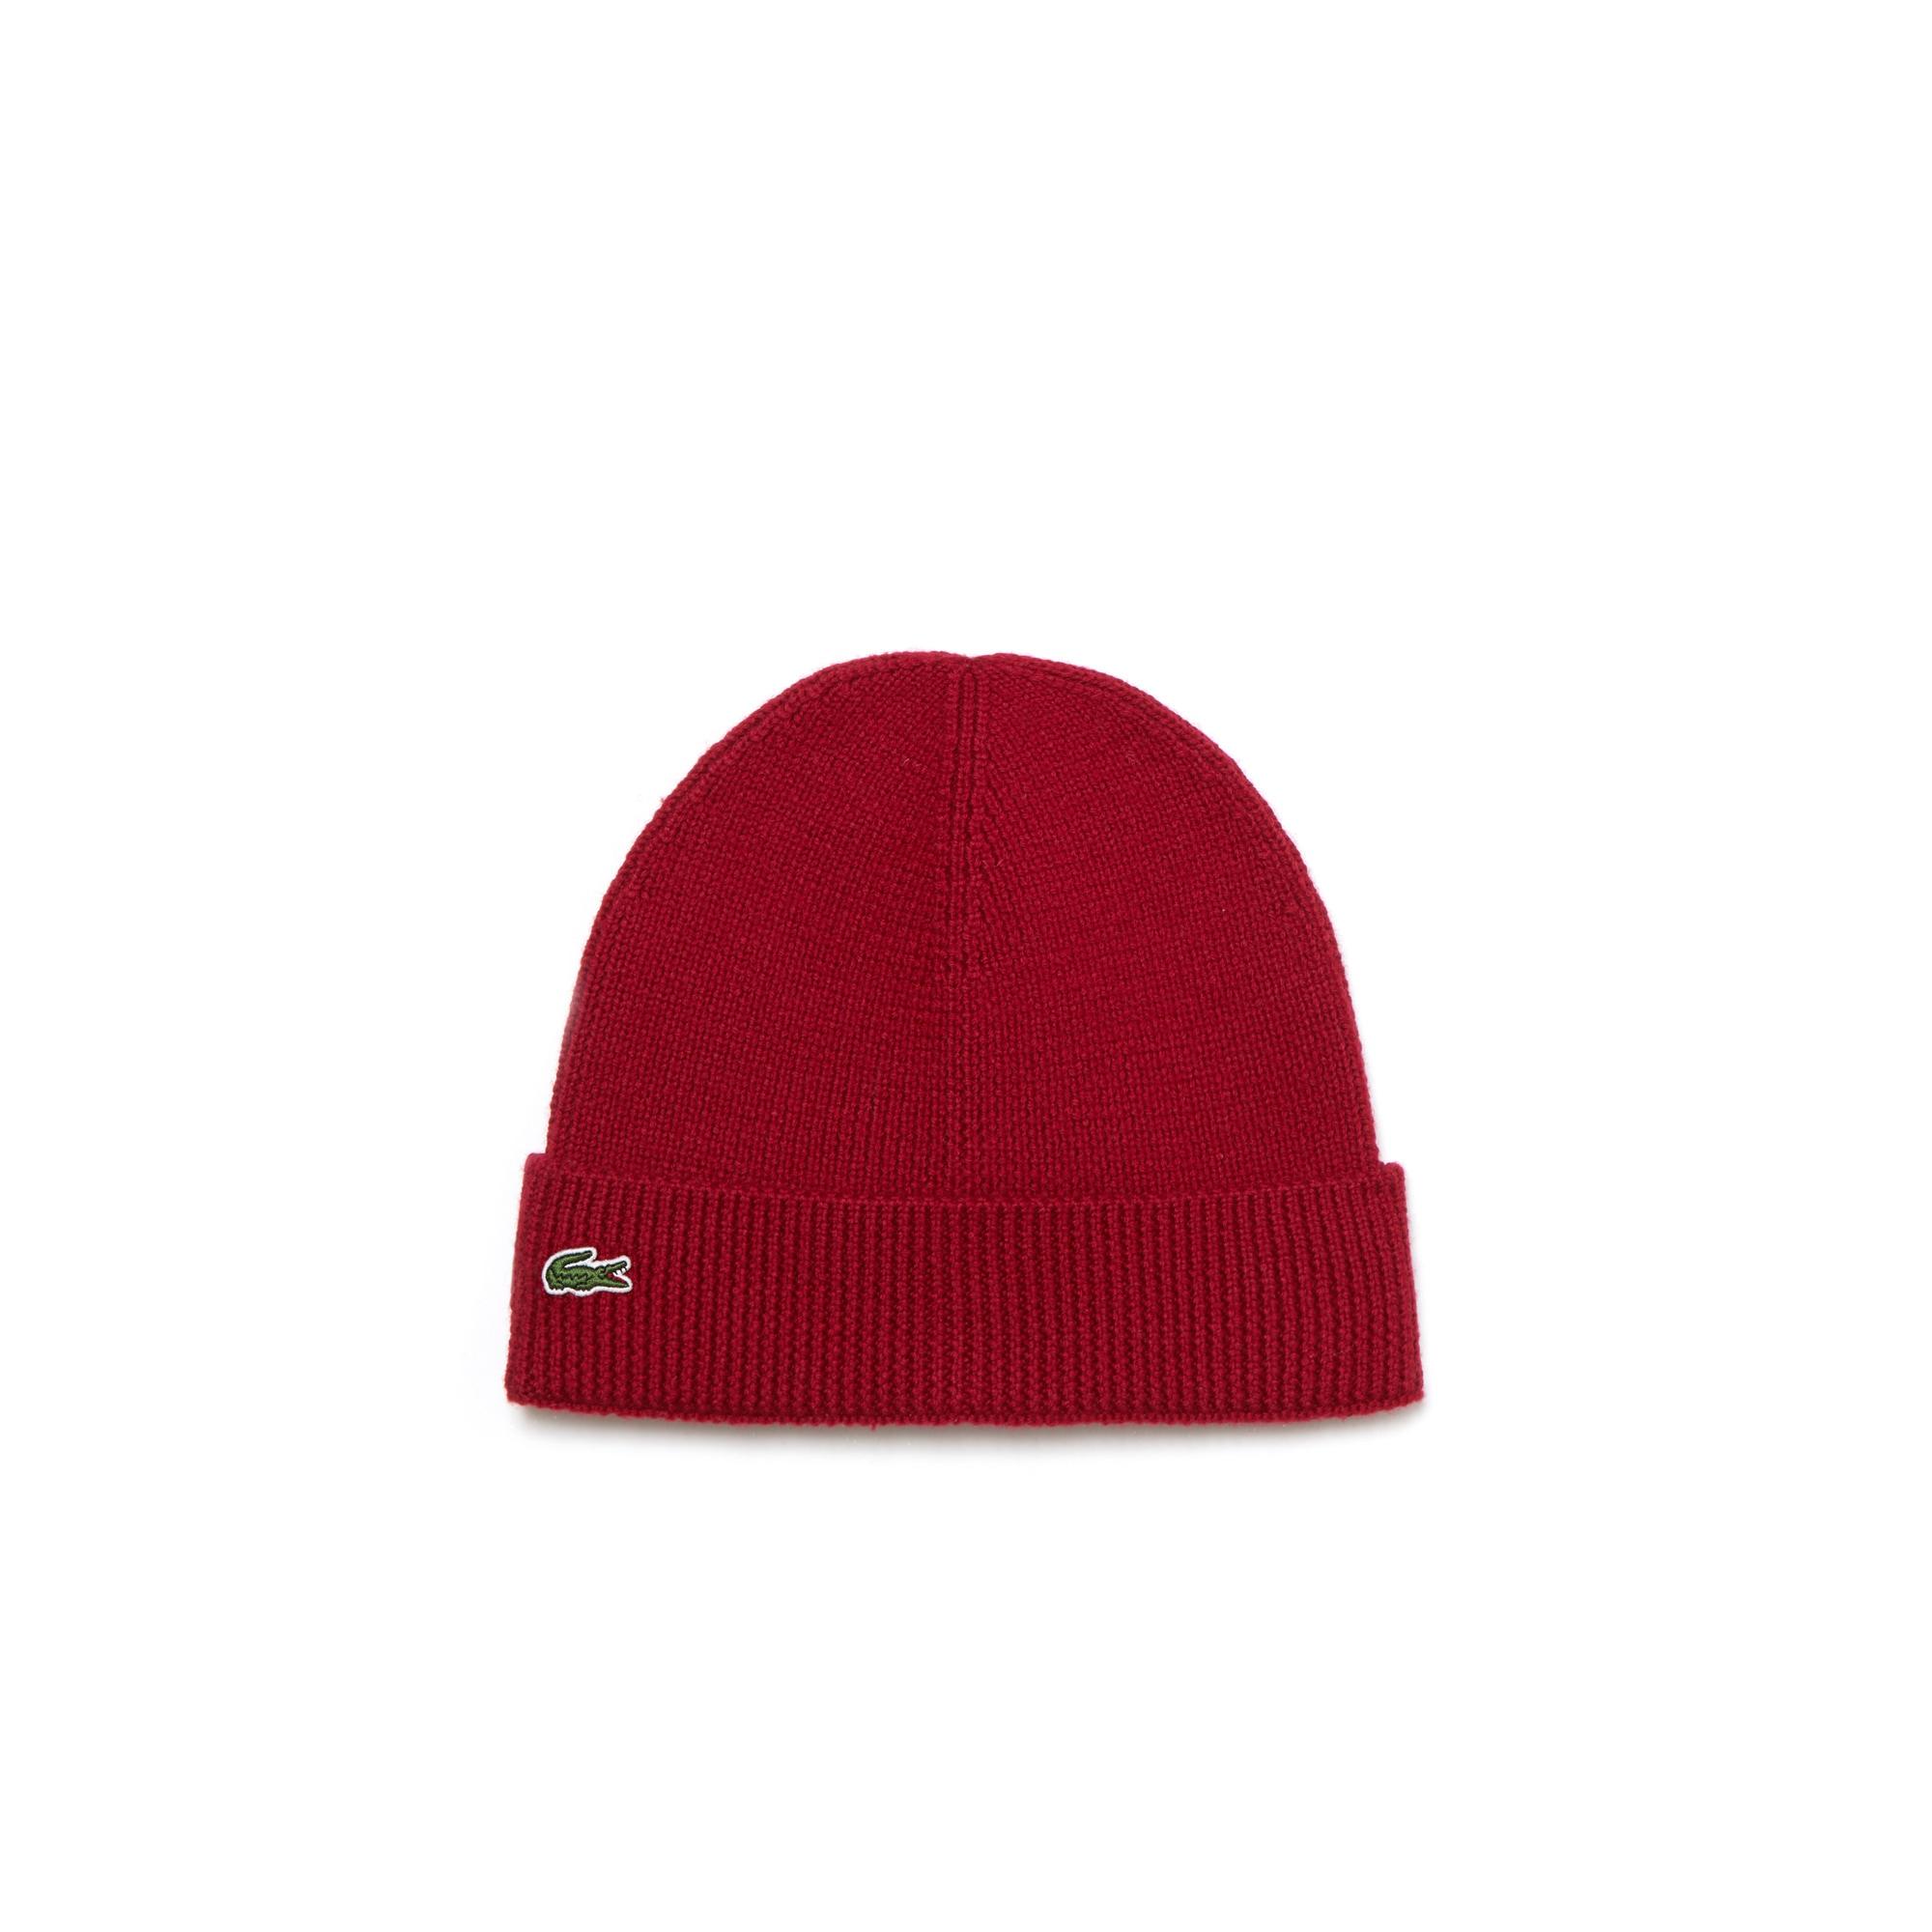 Купить Вязаная шапка Lacoste, бордовый, RB3502